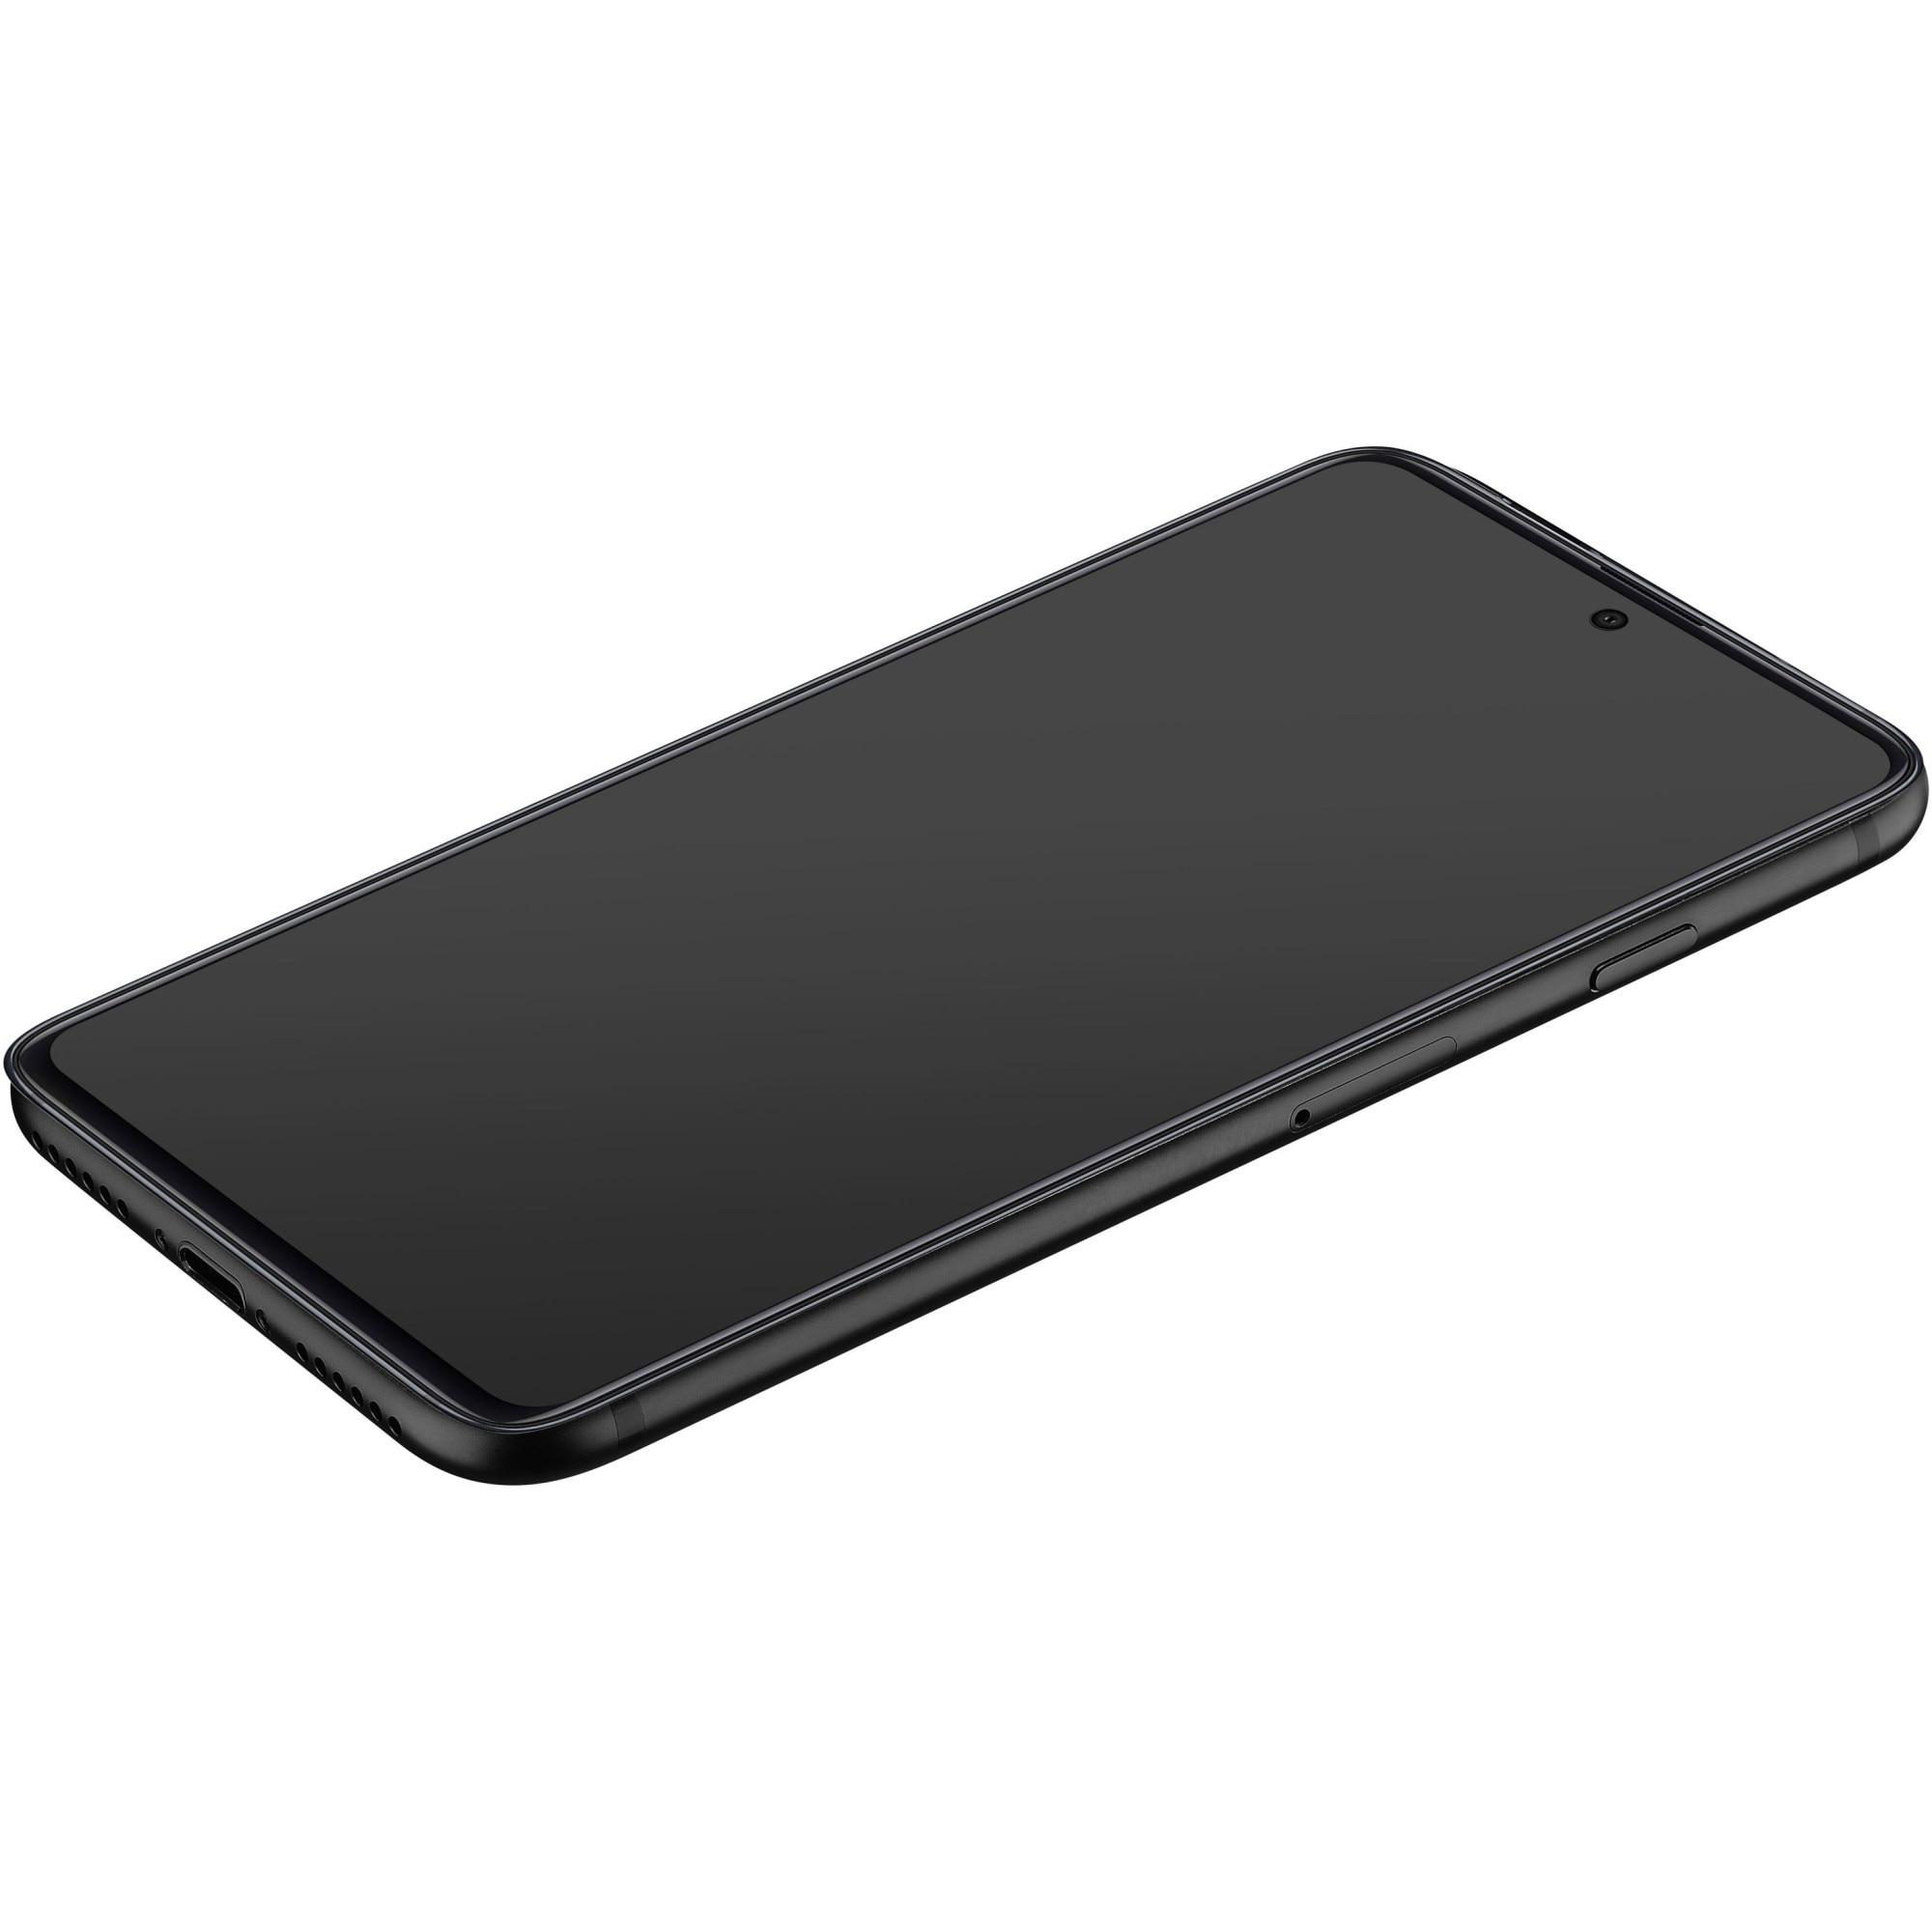 Fotografie Folie de protectie 3D Cellularline Second Glass Capsule pentru Samsung Galaxy S10 Lite, sticla, Negru